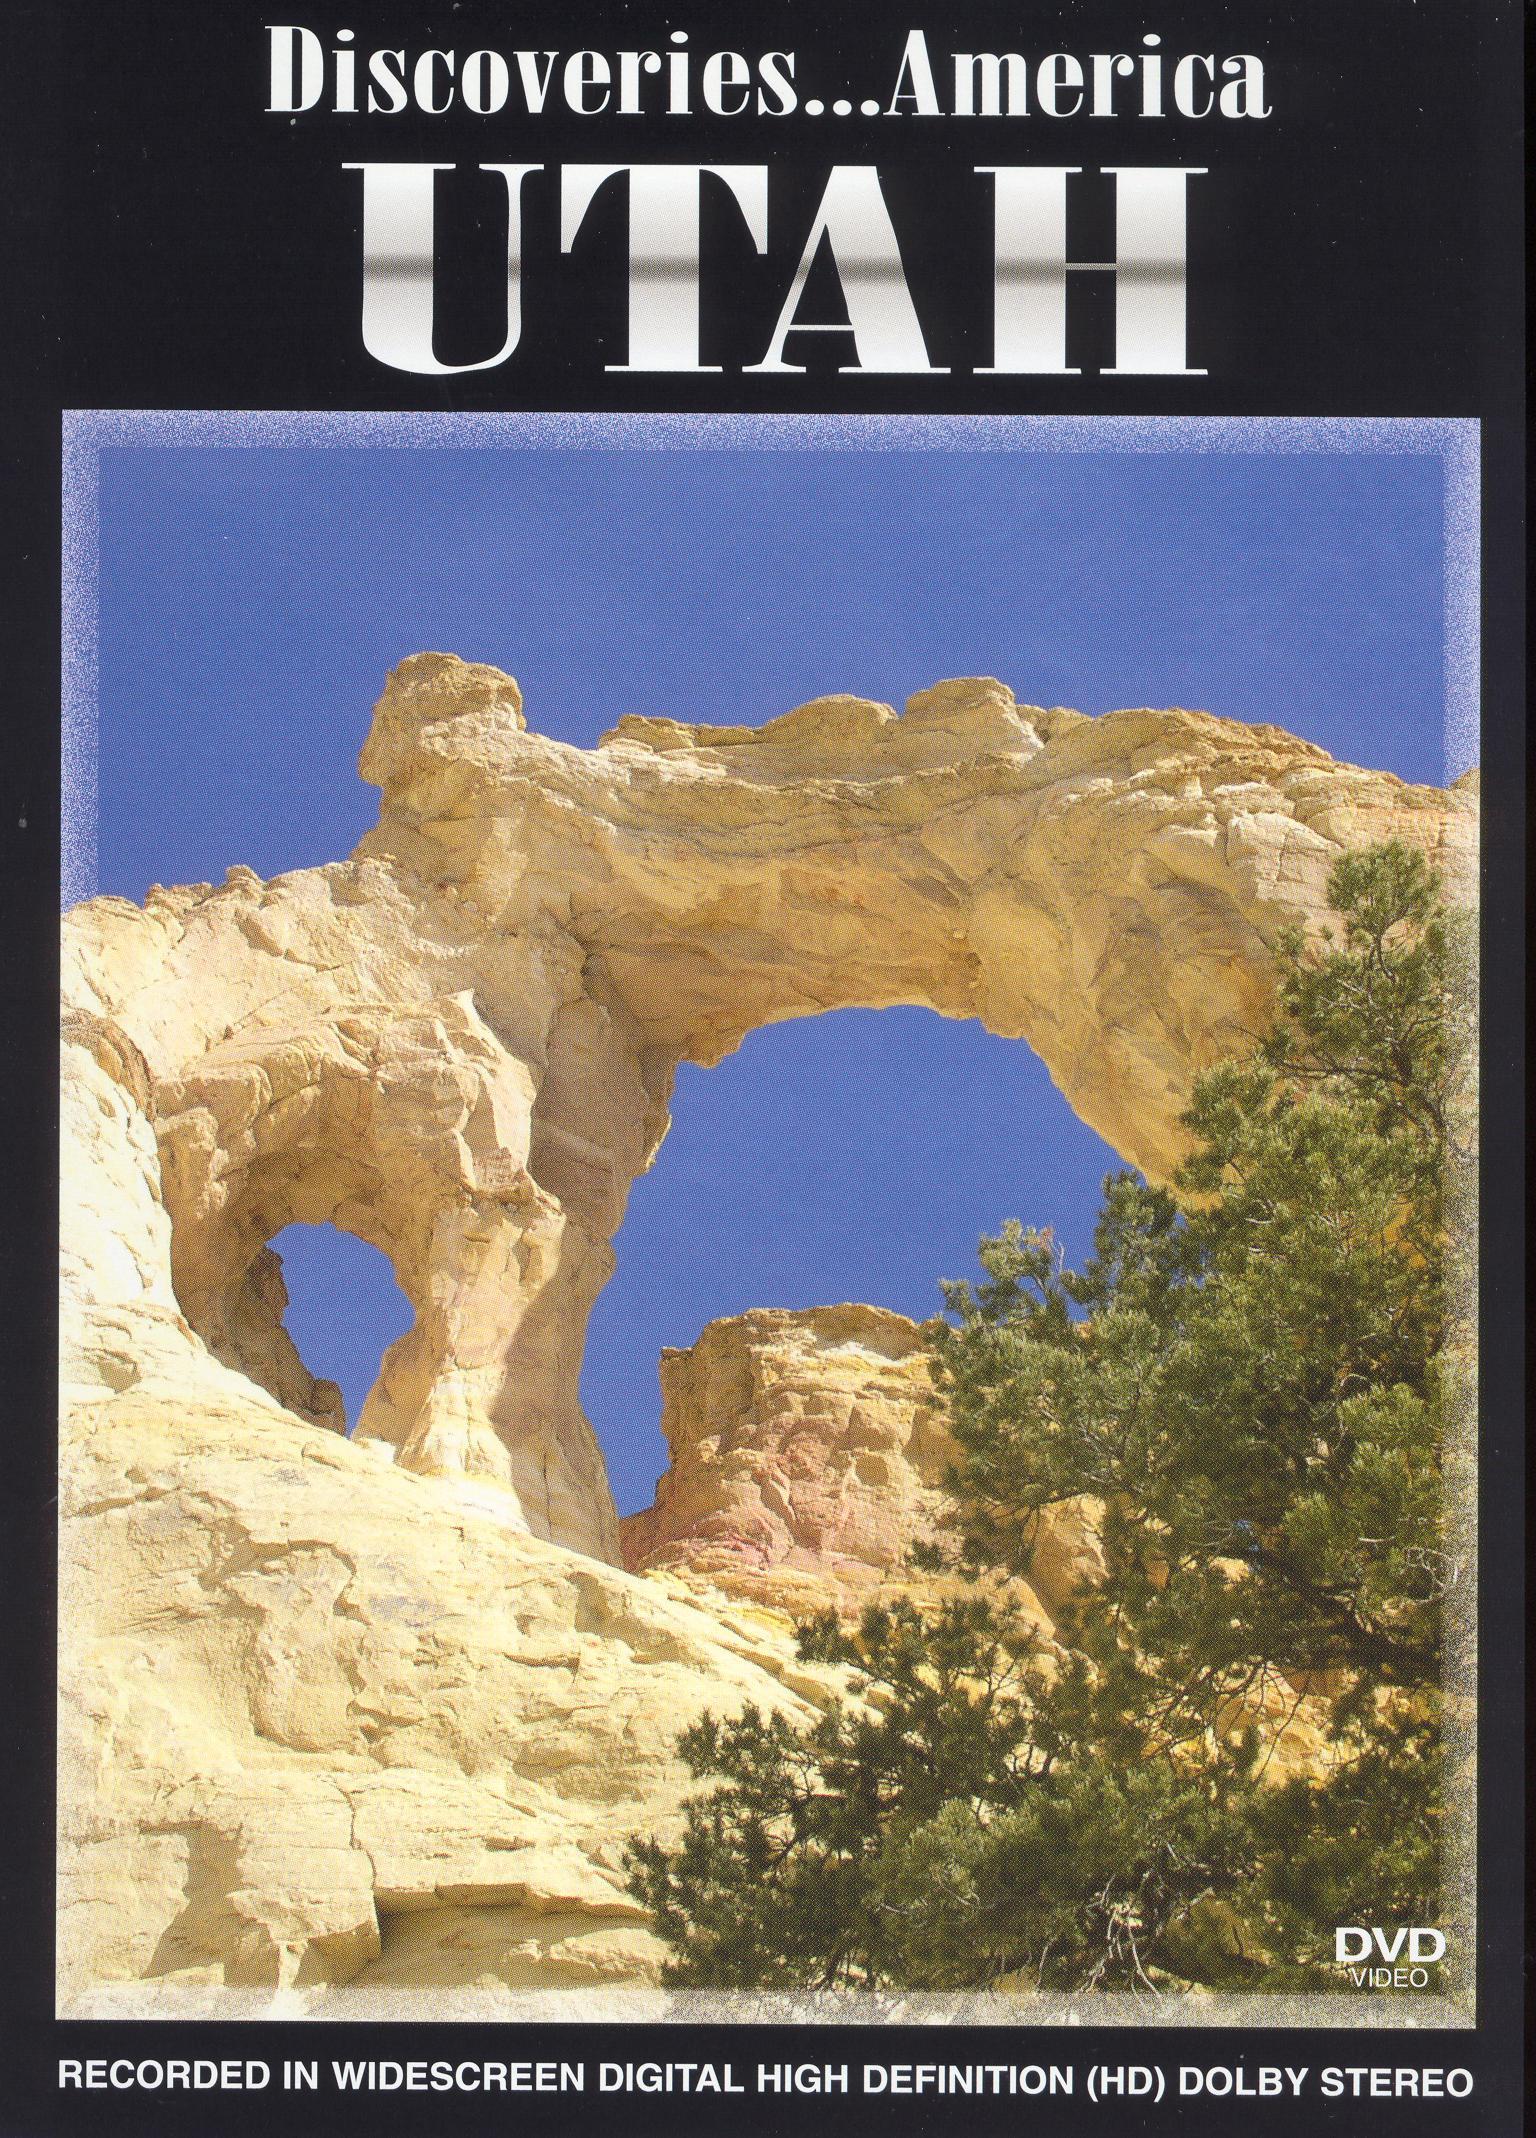 Discoveries... America: Utah